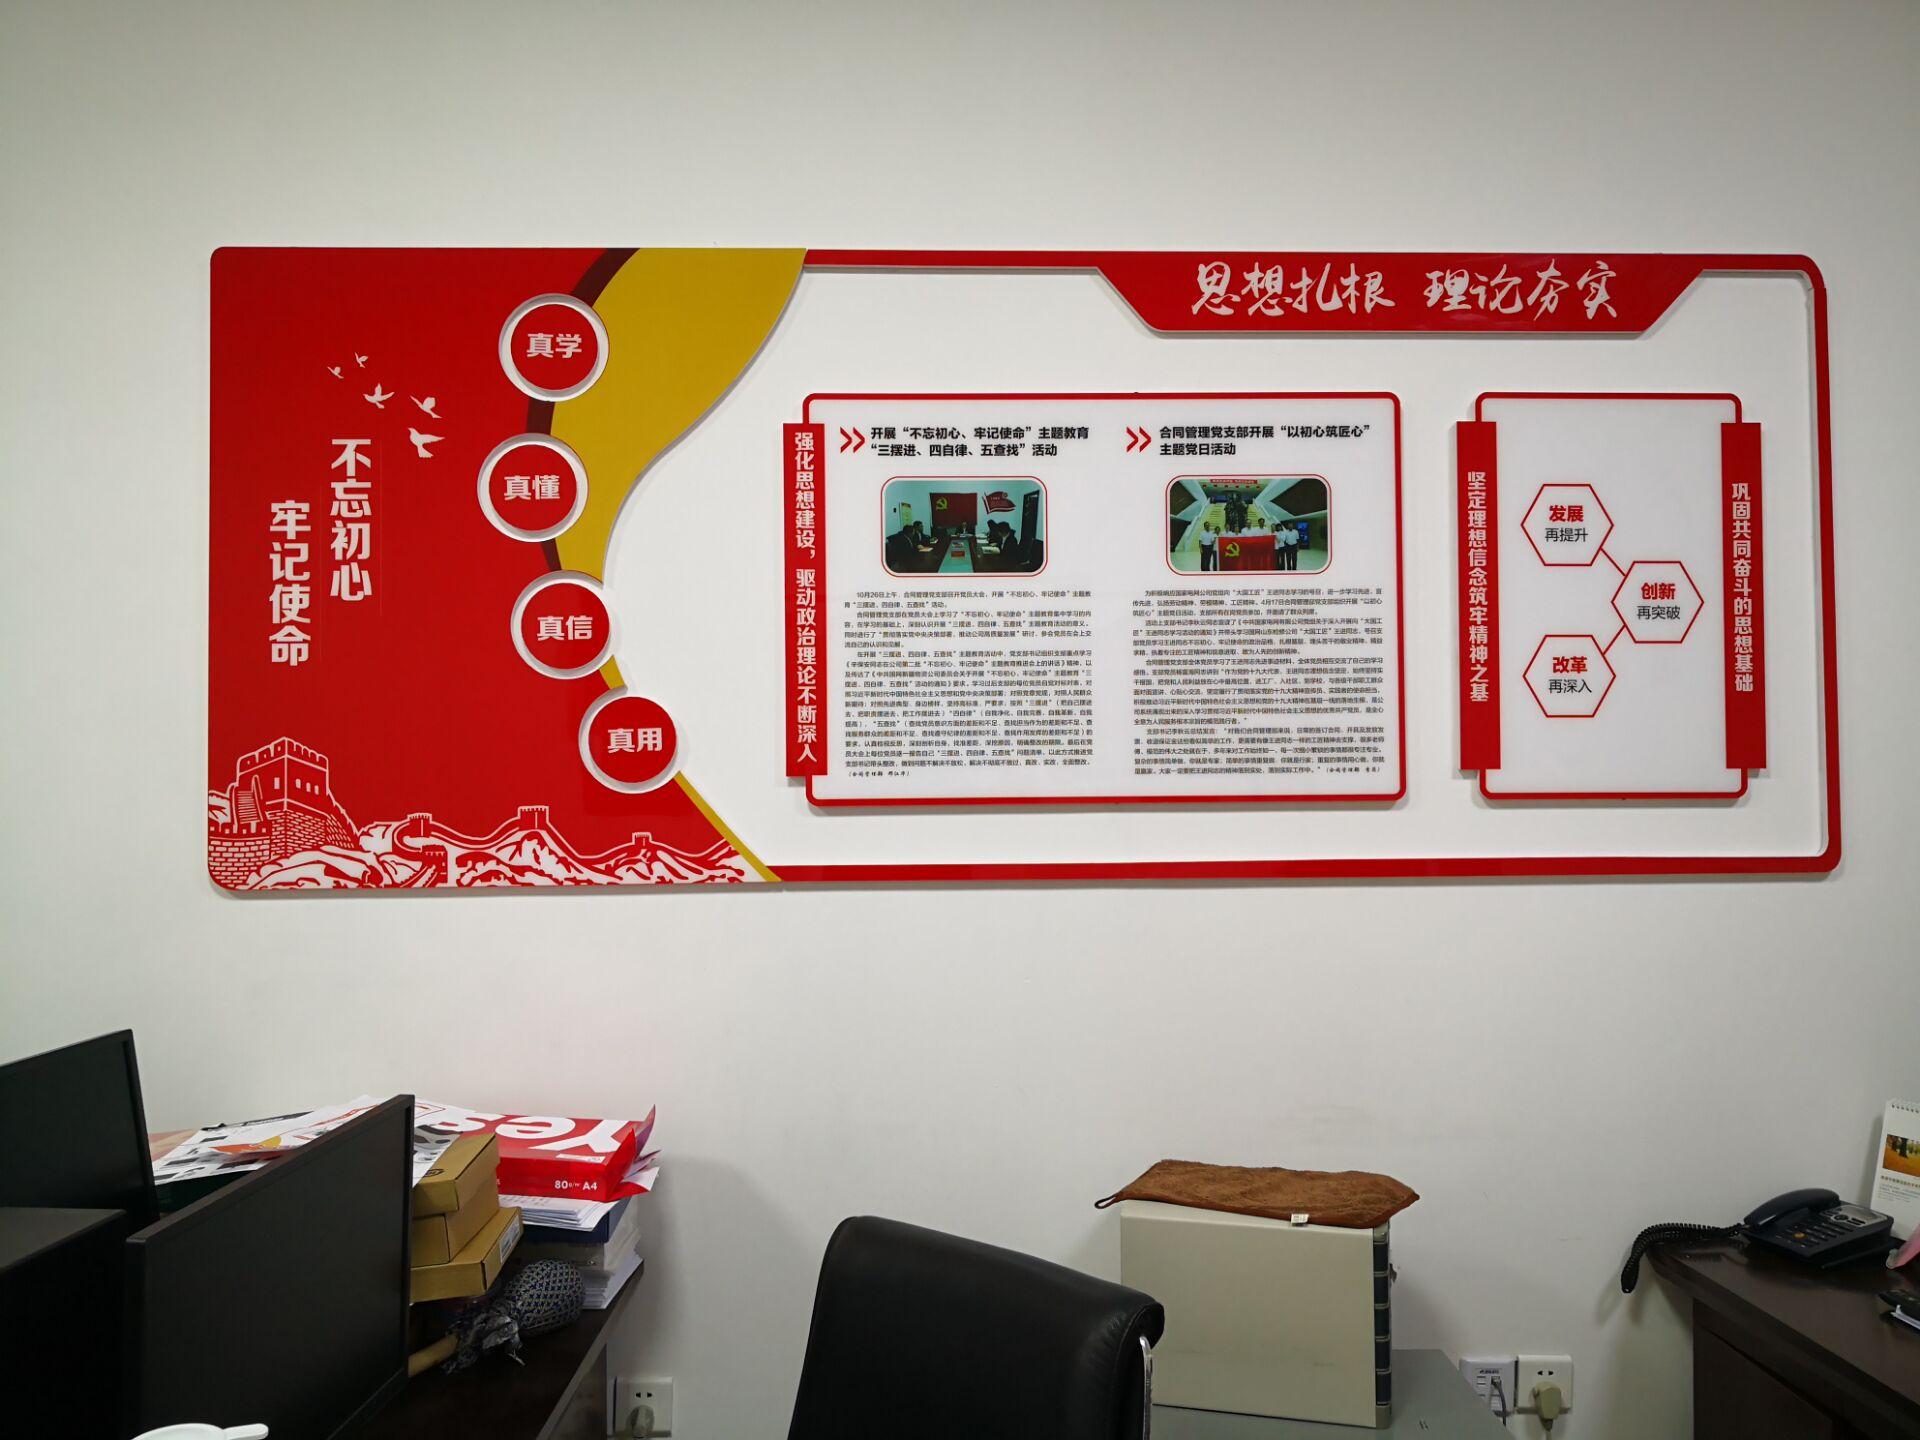 室内文化墙价格